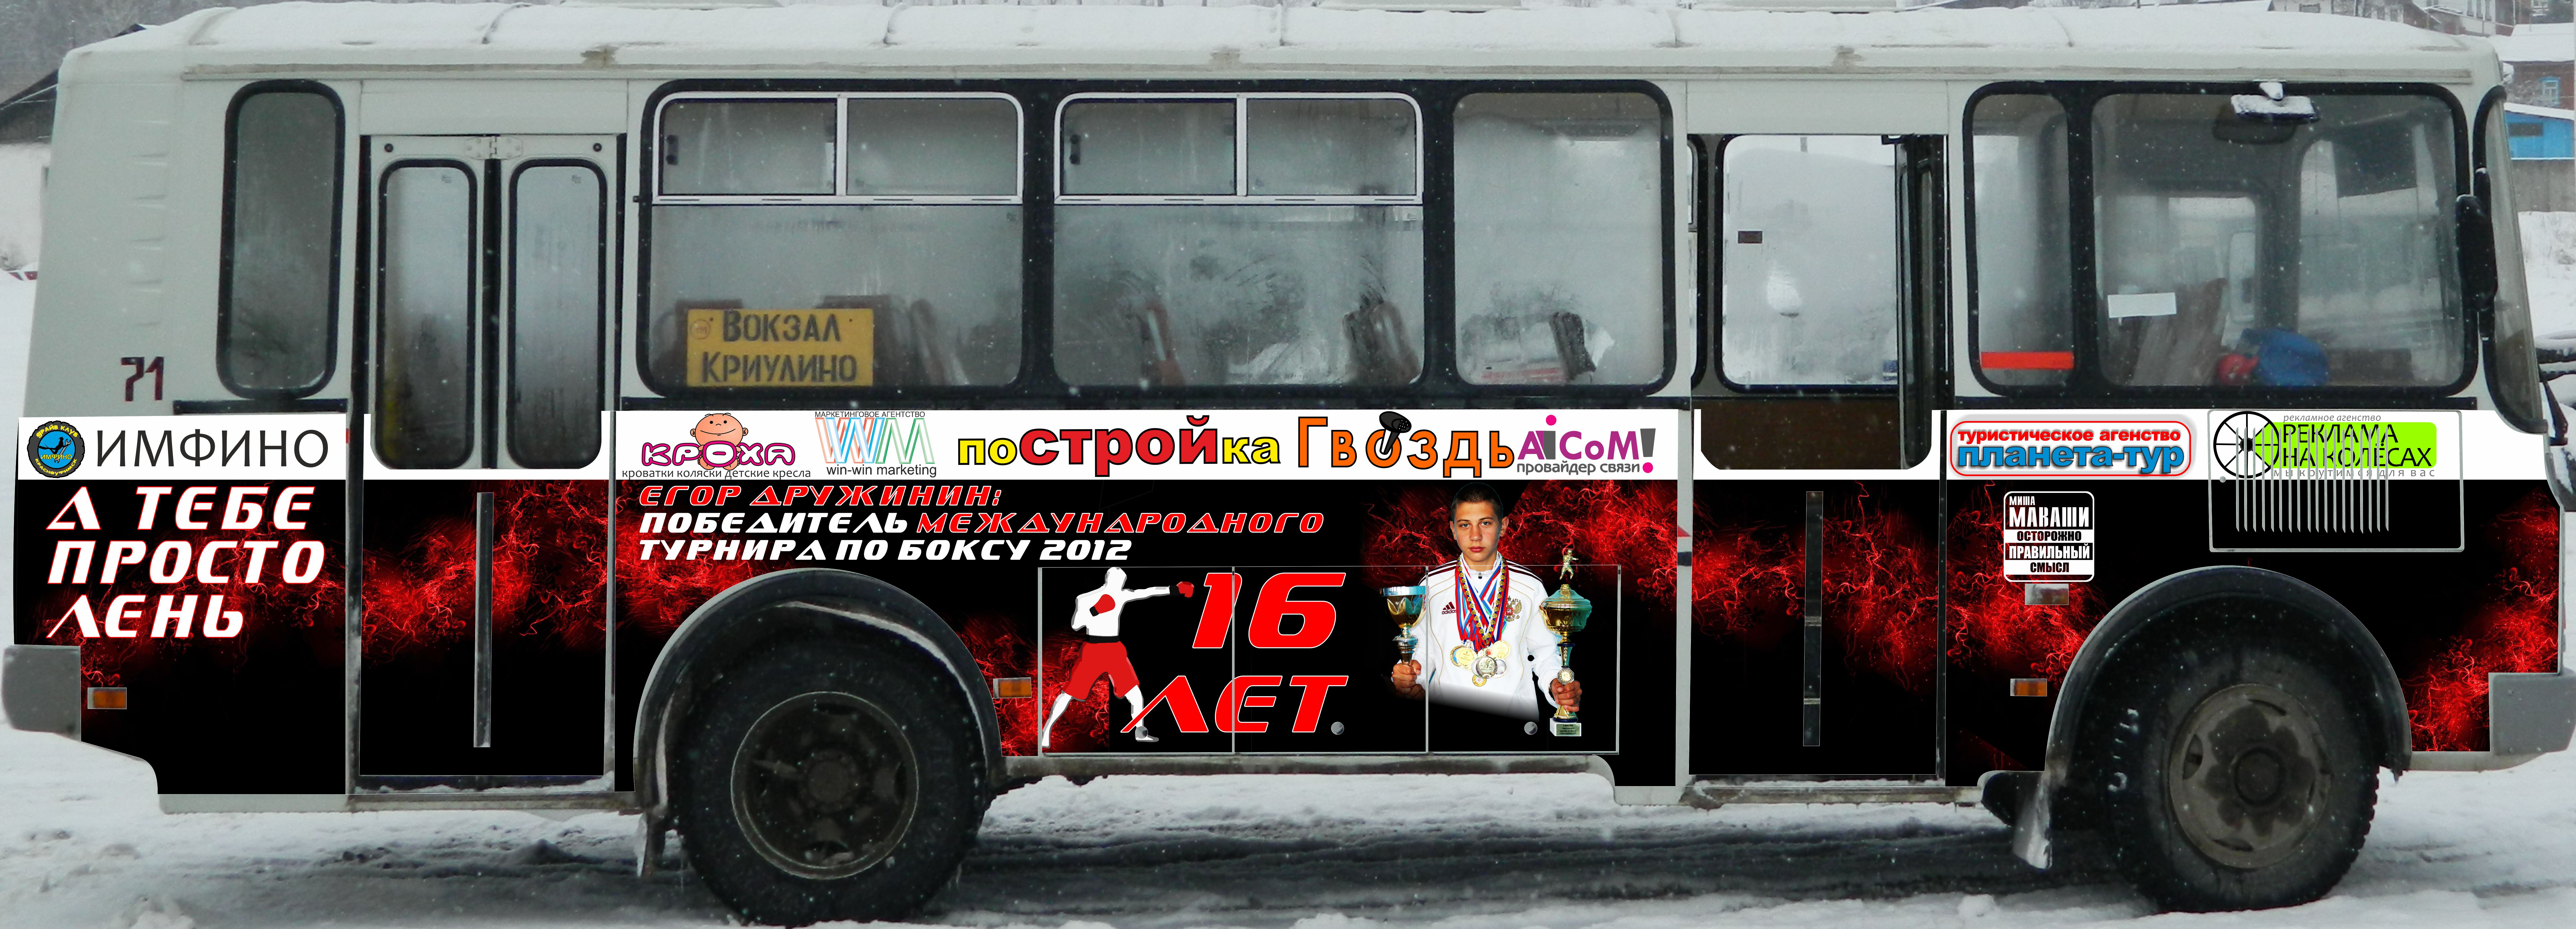 Бокс Олег